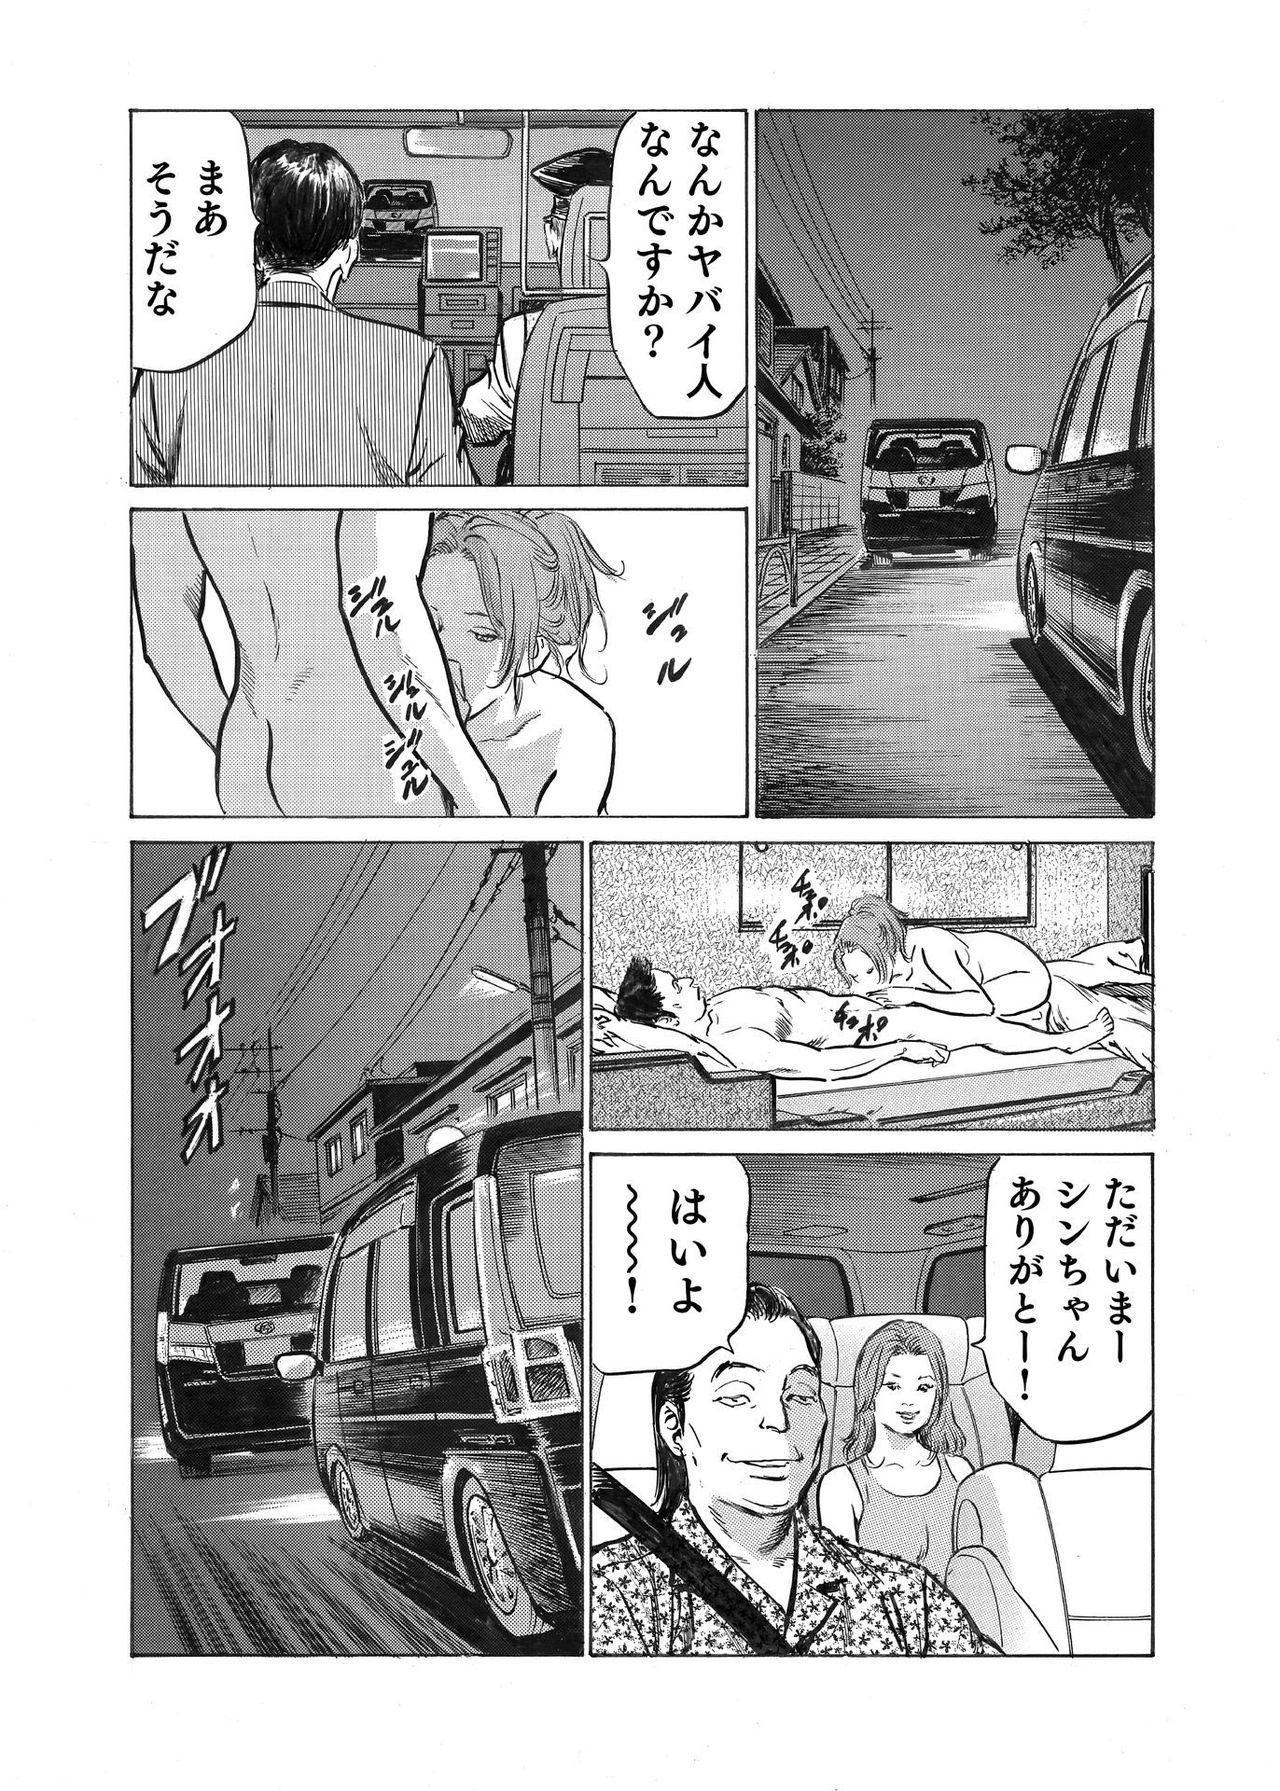 Ore wa Tsuma no Koto o Yoku Shiranai 1-9 205